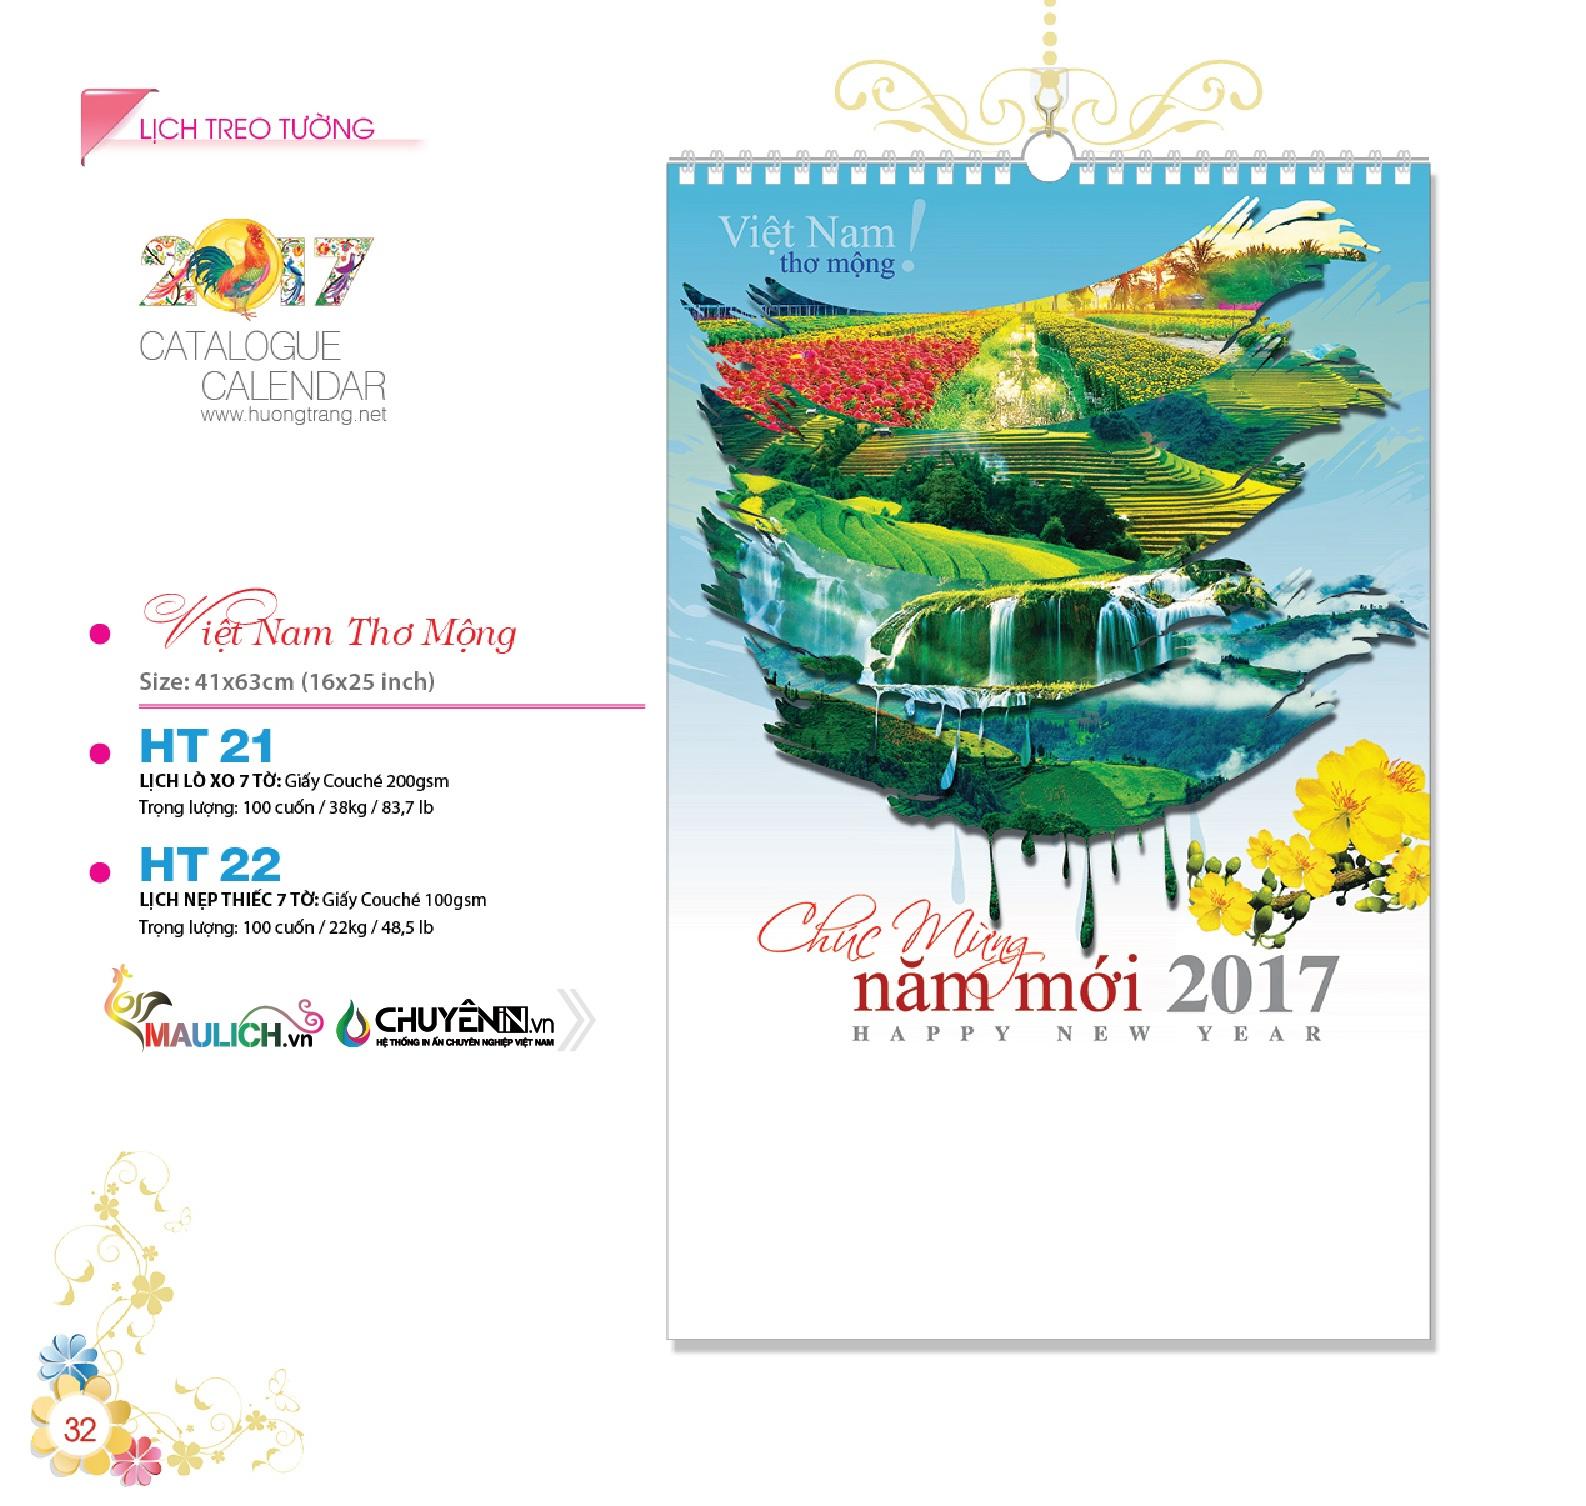 HT-21: Lịch treo tường lò xo 7 tờ - Việt Nam thơ mộng